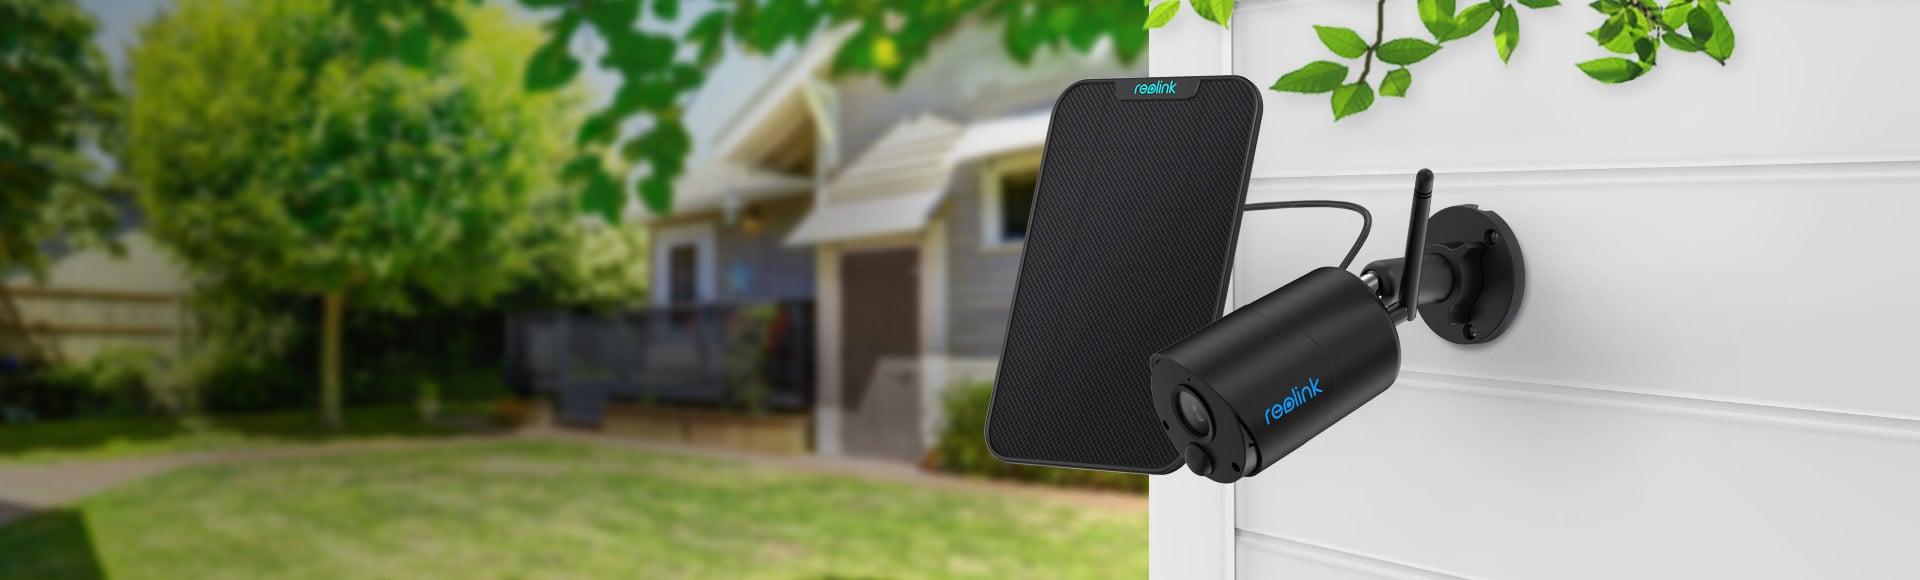 Argus Eco Solar Powered Security Camera